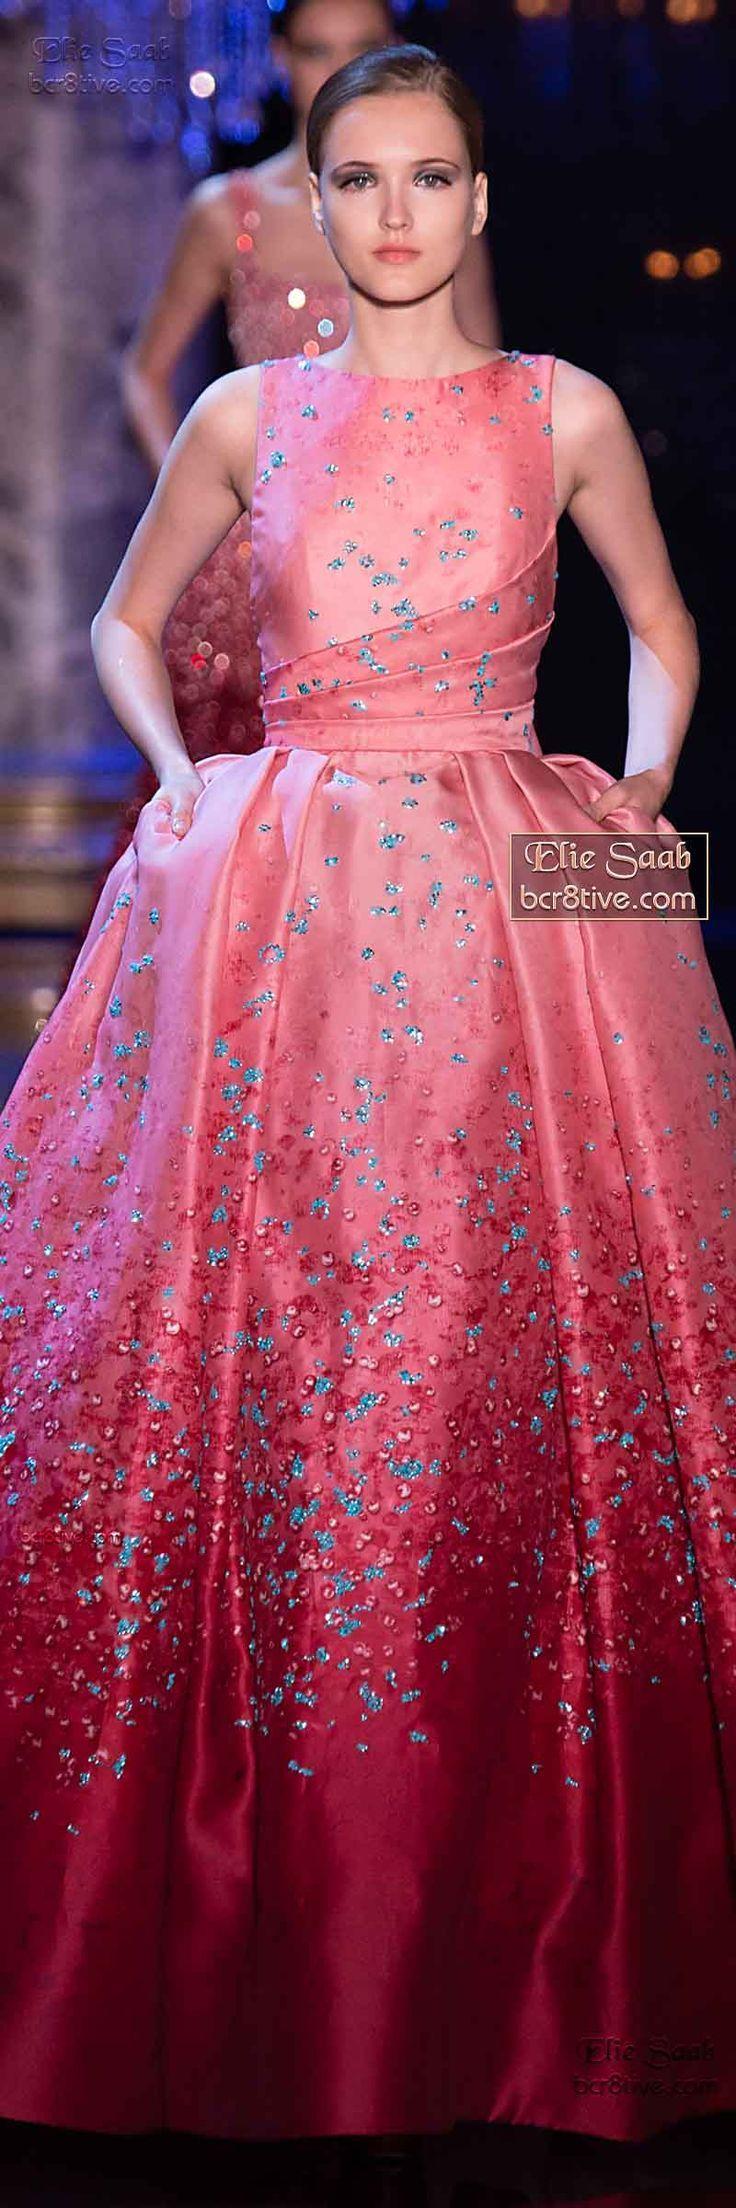 Pin de elena shalman en Chic | Pinterest | Moda la y Vestiditos